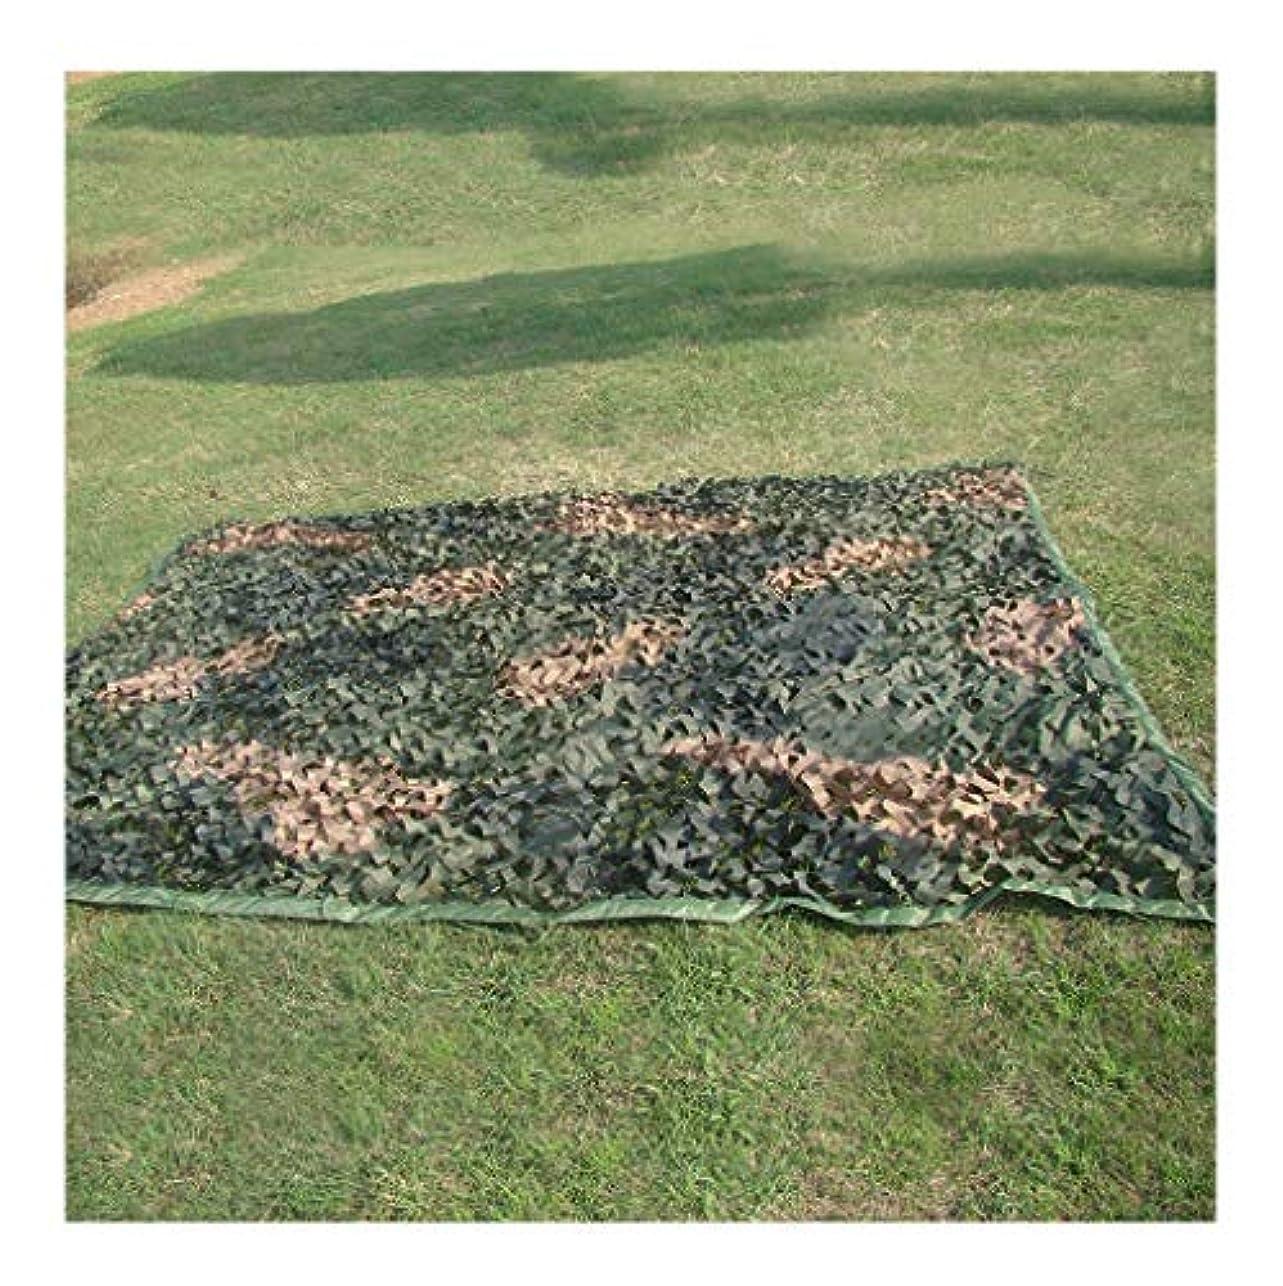 過度の霧残り物日焼け止めネットカバーオックスフォードテント カモフラージュネット 三色カモフラージュネット キャンプの狩猟用テントのために使用することができますバイザーの鳥の野生動物の撮影ハロウィンのクリスマスパーティーの装飾6 * 6m 写真の庭の装飾